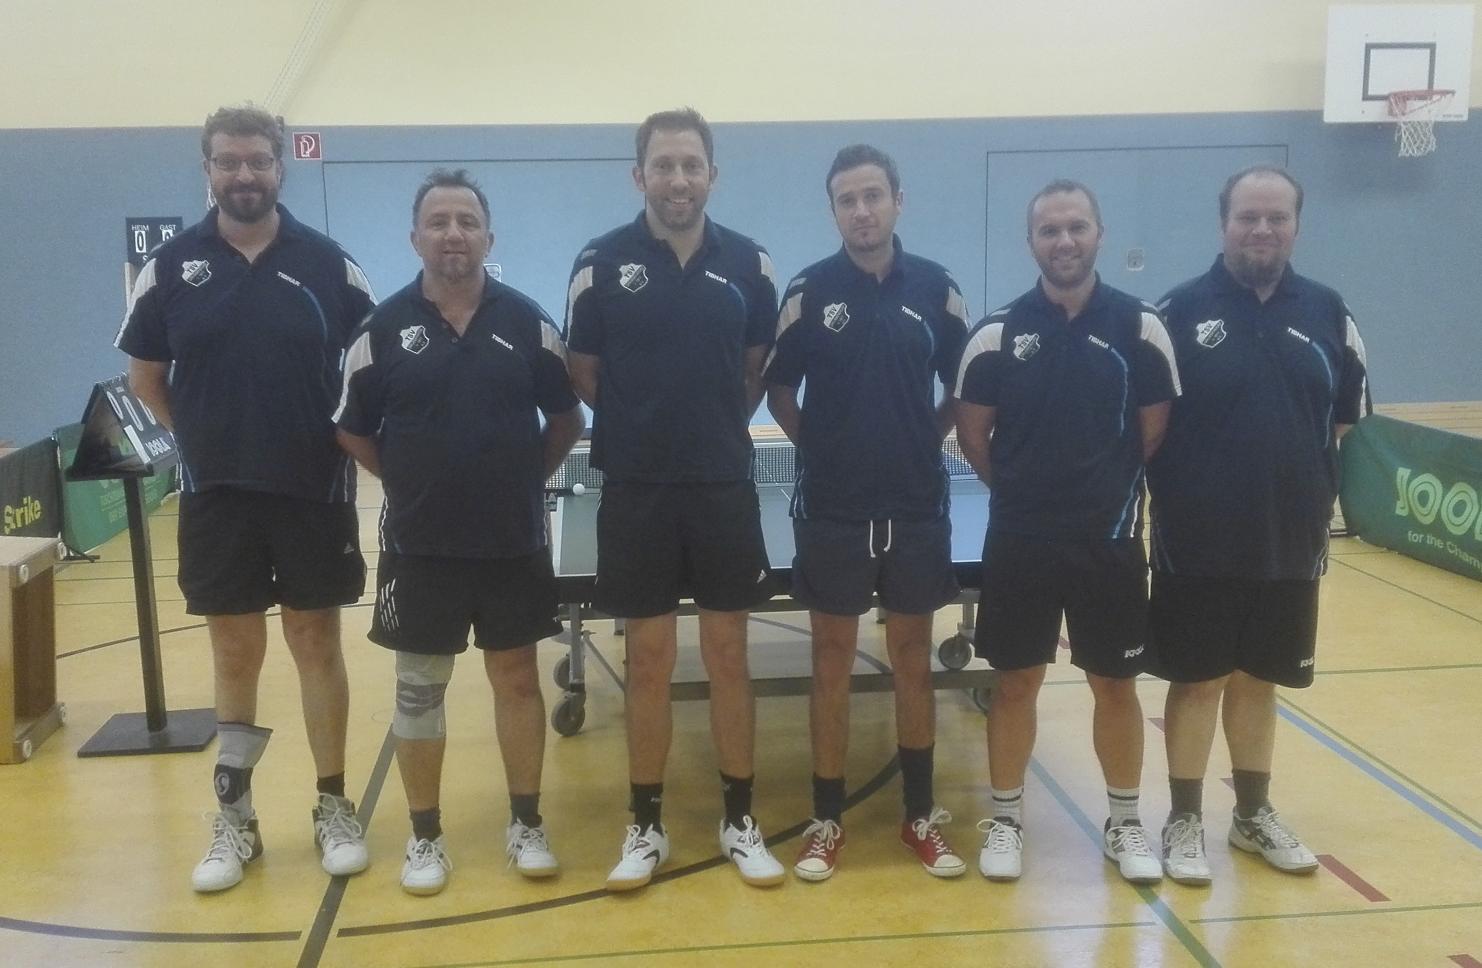 TSV Grußendorf - Tischtennis Mannschaft 2017/18